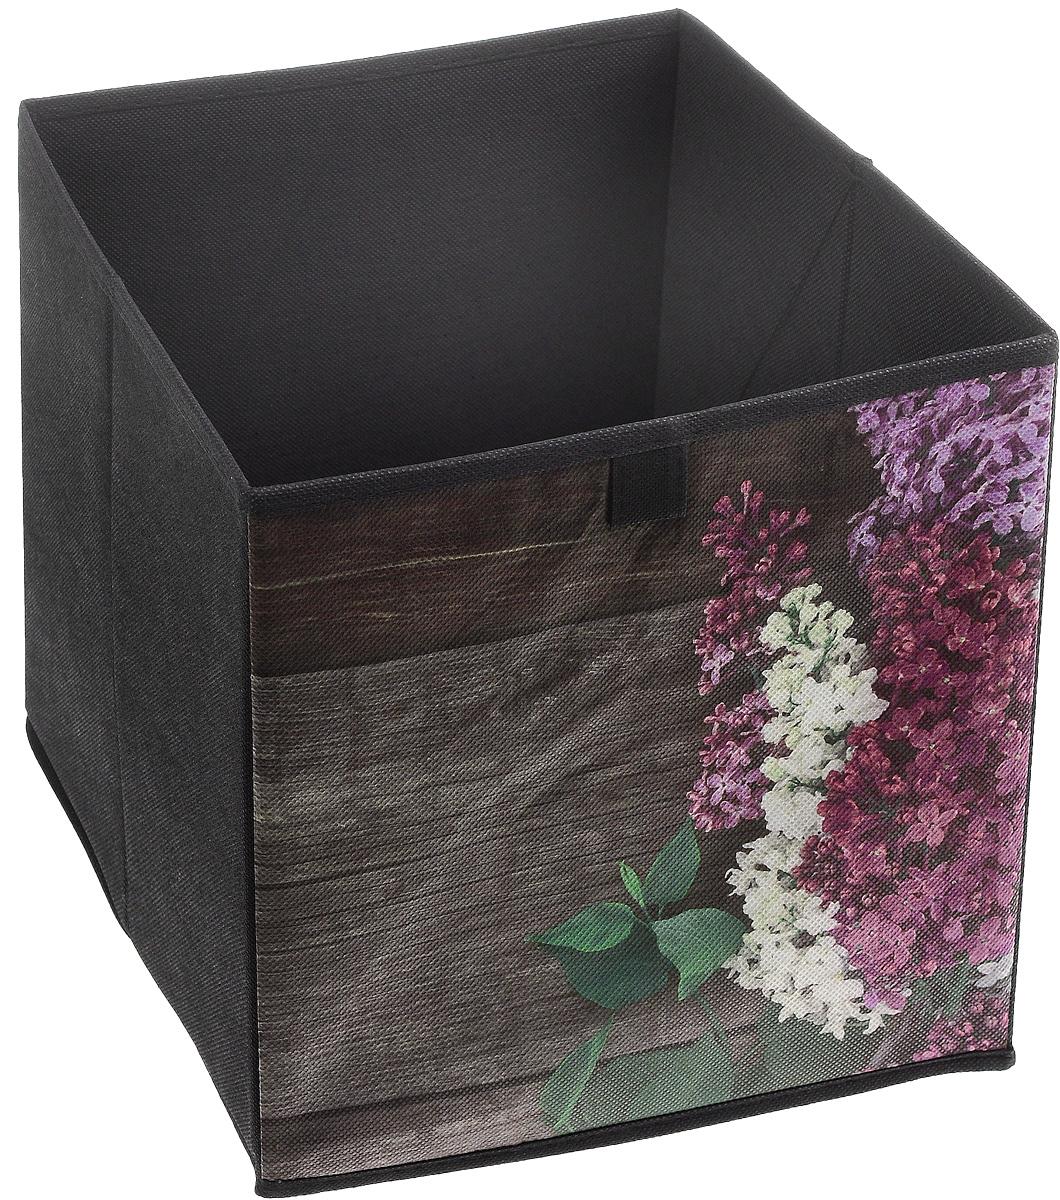 Кофр для хранения Сирень, 28 х 28 х 28 смFS-6196-F02Кофр для хранения Сирень изготовлен из высококачественного нетканого полотна и декорирован красочным цветочным изображением. Кофр имеет одно большое отделение, где вы можете хранить различные бытовые вещи, нижнее белье, одежду и многое другое. Вставки из картона обеспечивают прочность конструкции. Стильный принт, модный цвет и качество исполнения сделают такой кофр незаменимым для хранения ваших вещей.